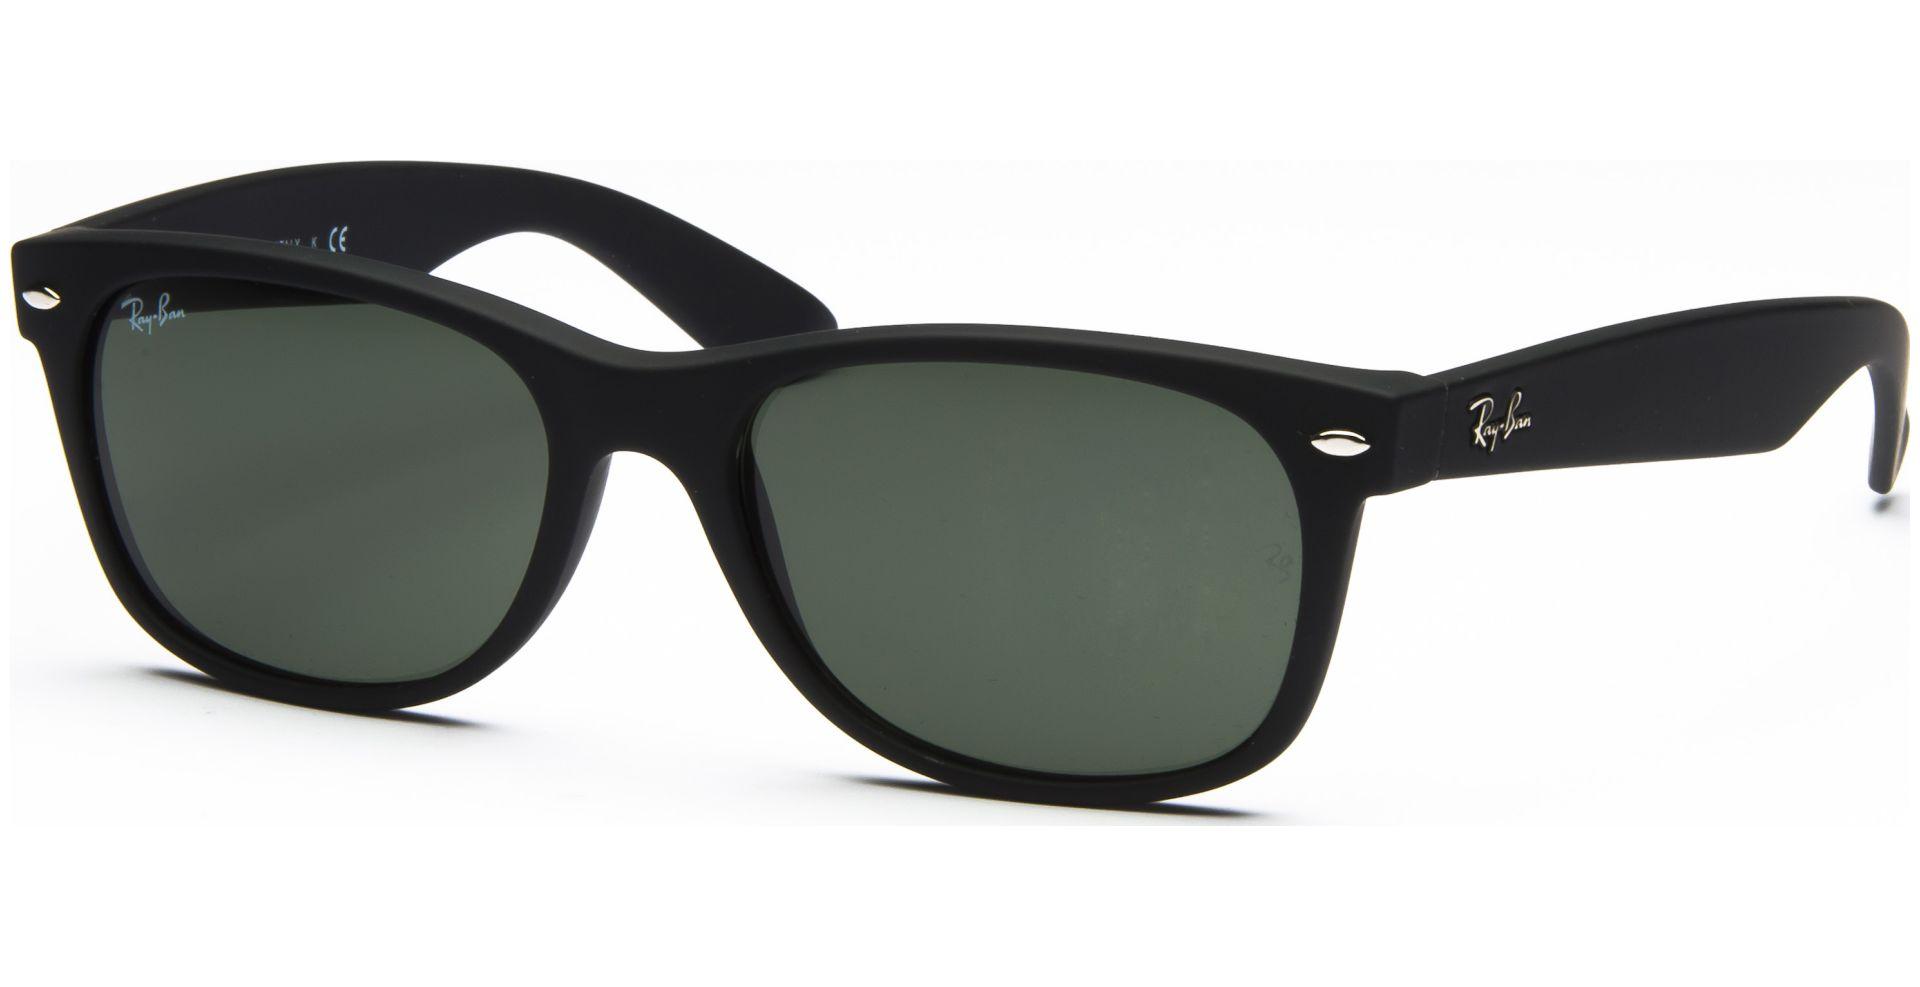 ray ban sonnenbrillen neue modelle